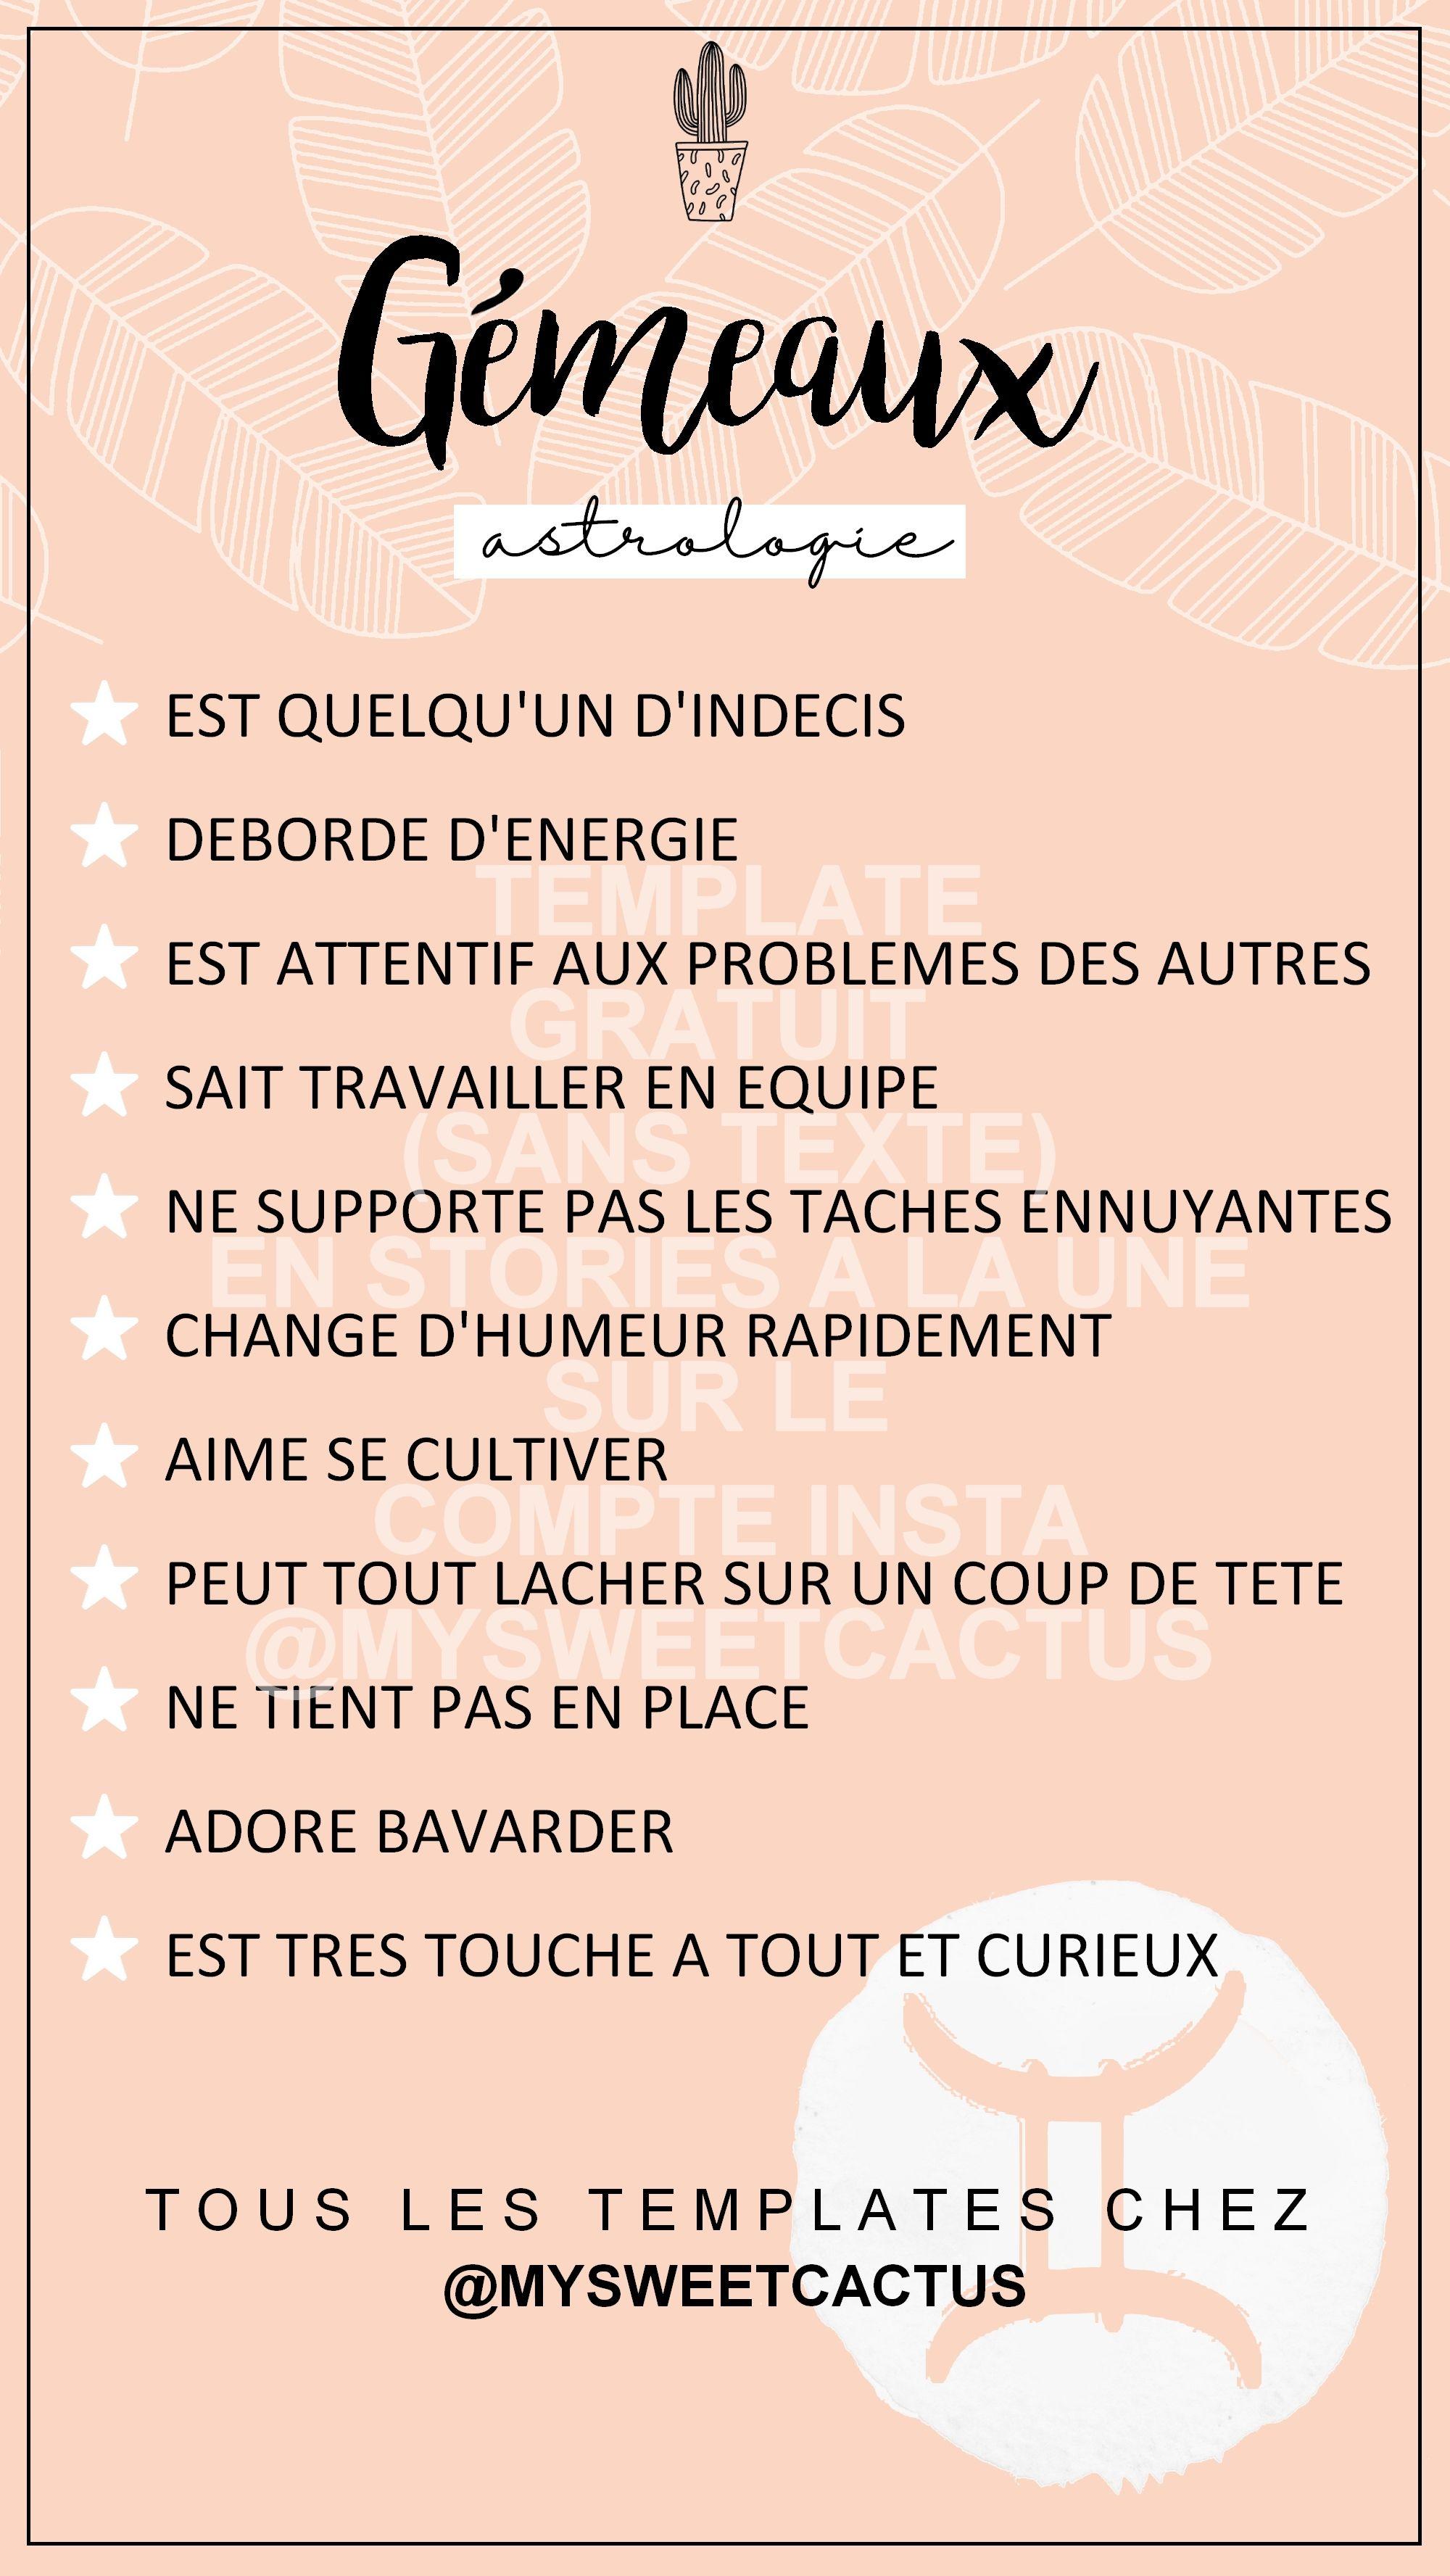 Compatibilité Verseau Taureau template instagram en français à compléter et partager en